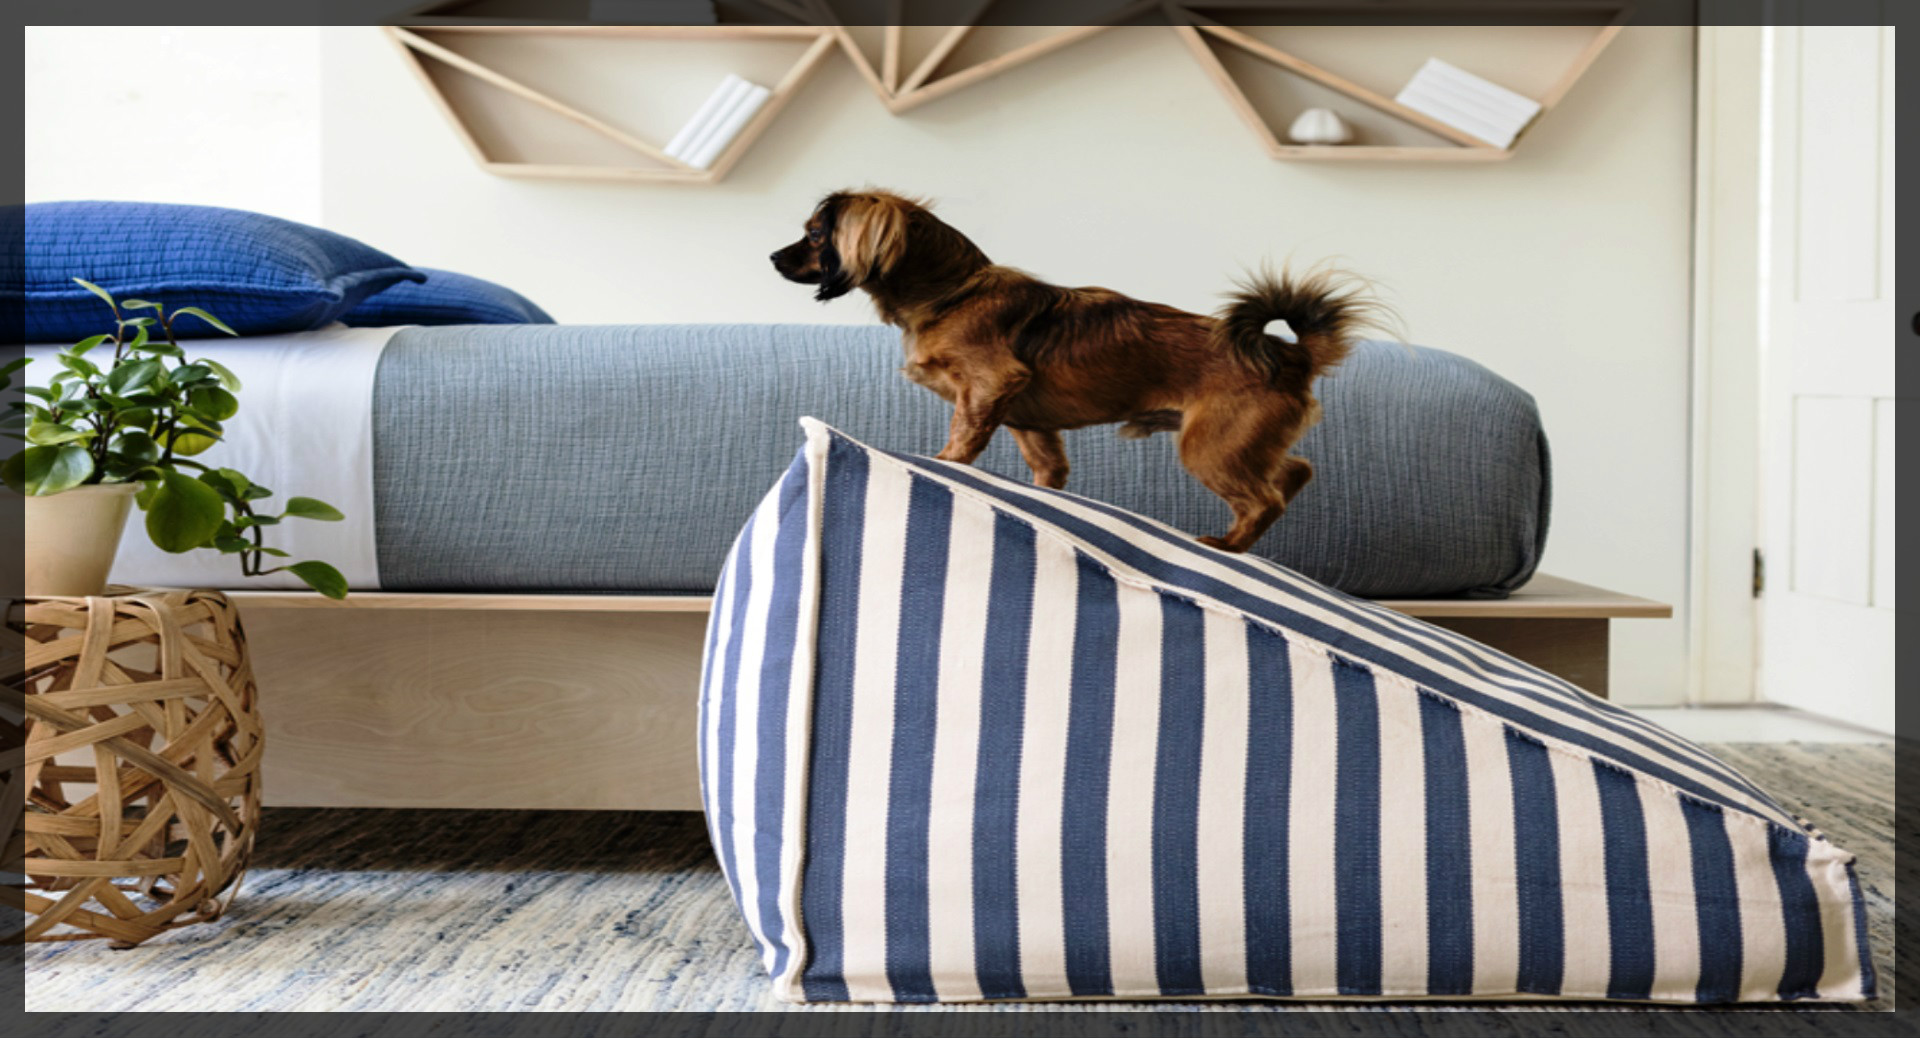 Cucce da interno e letti per cani viva la morbidezza - Cuccia per cani interno ...